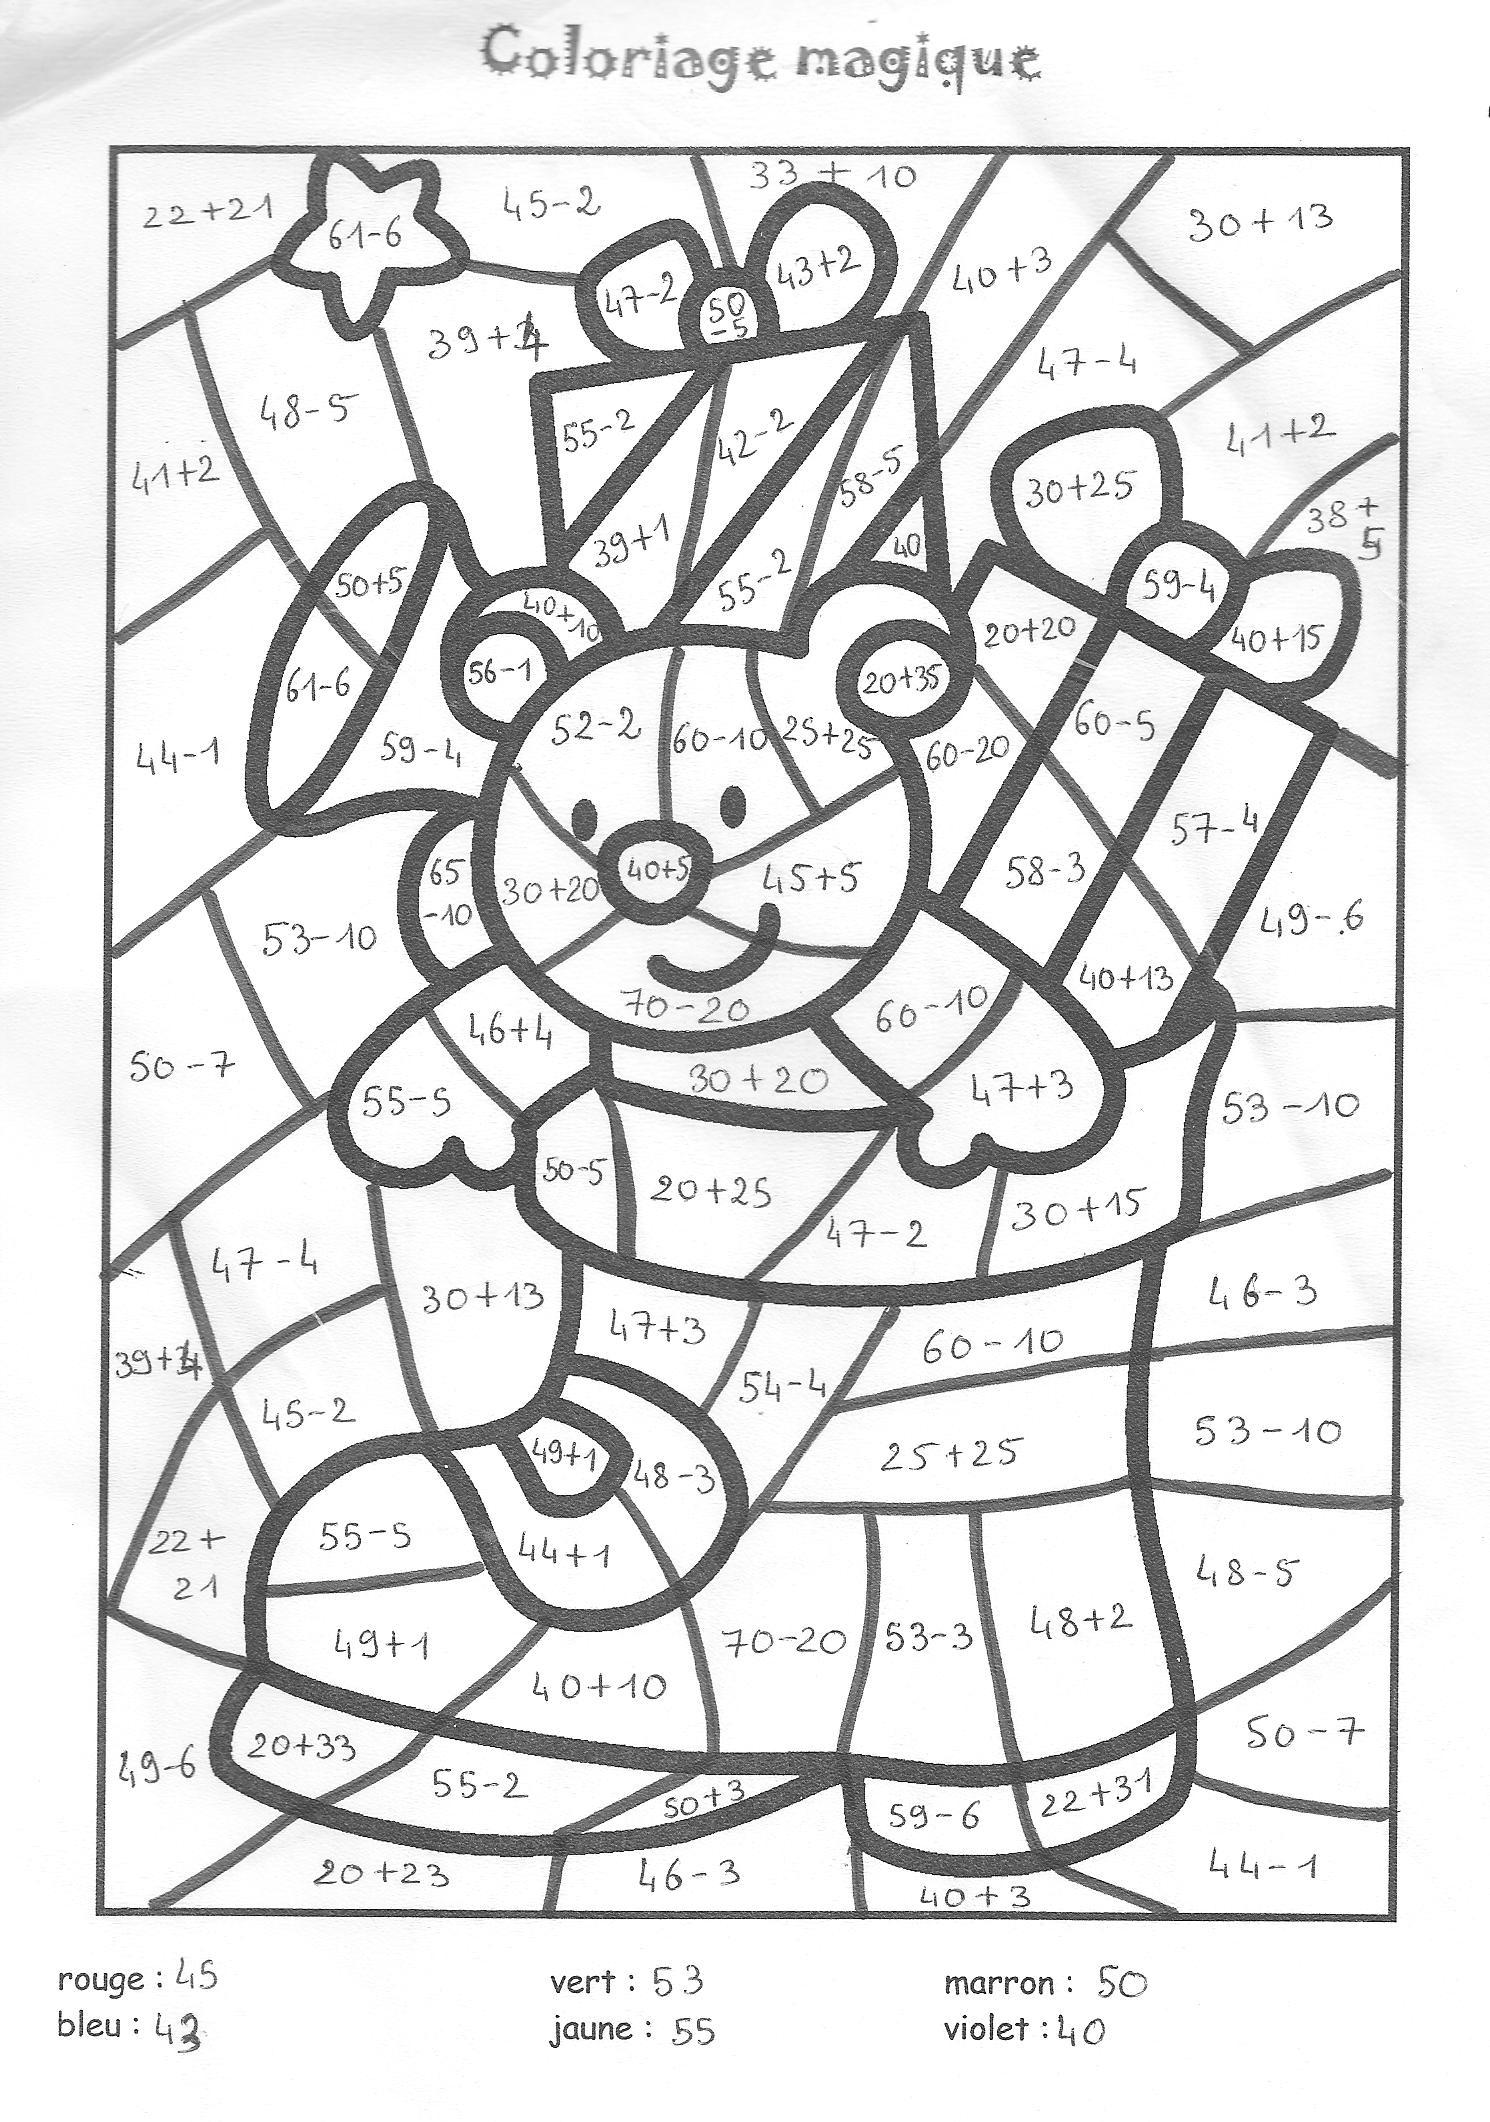 Coloriage Magique Gs À Imprimer - Greatestcoloringbook avec Coloriage Magique Gs À Imprimer